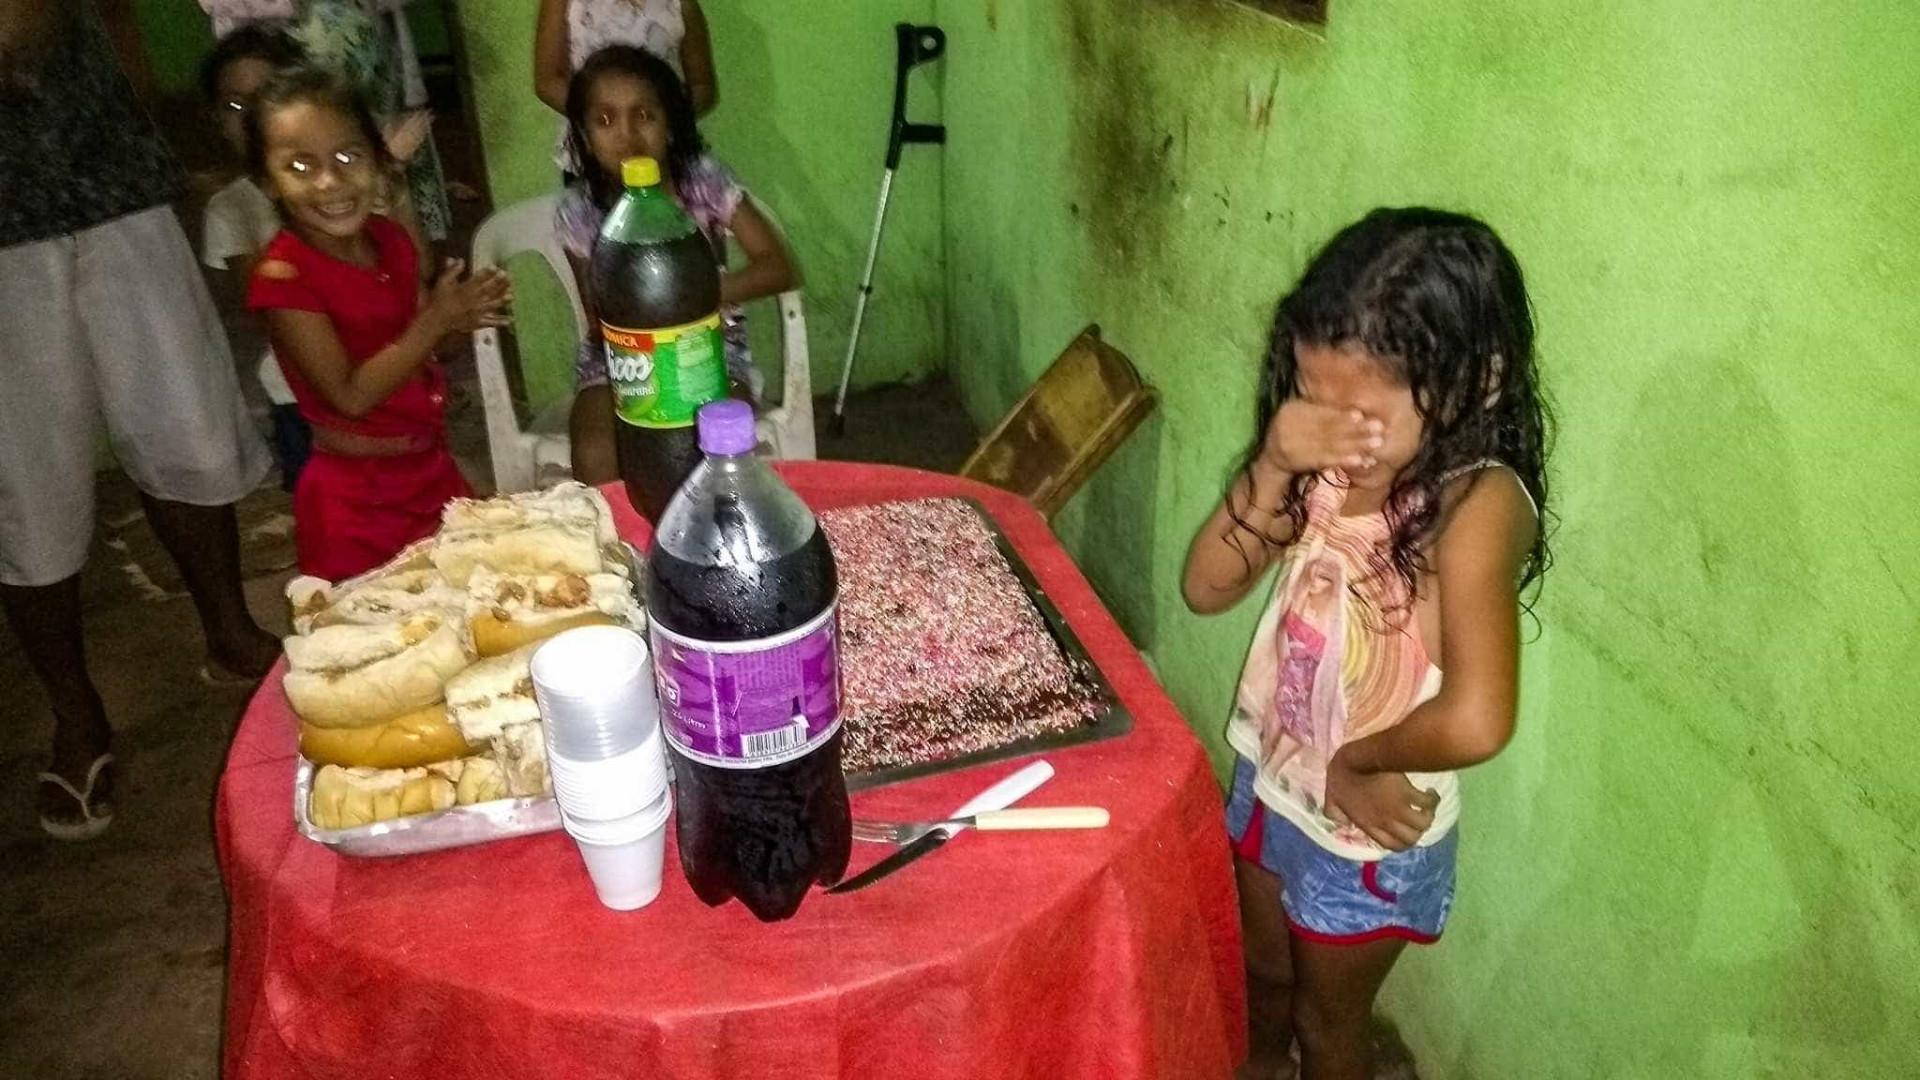 Menina se emociona ao ganhar bolo de aniversário e foto viraliza